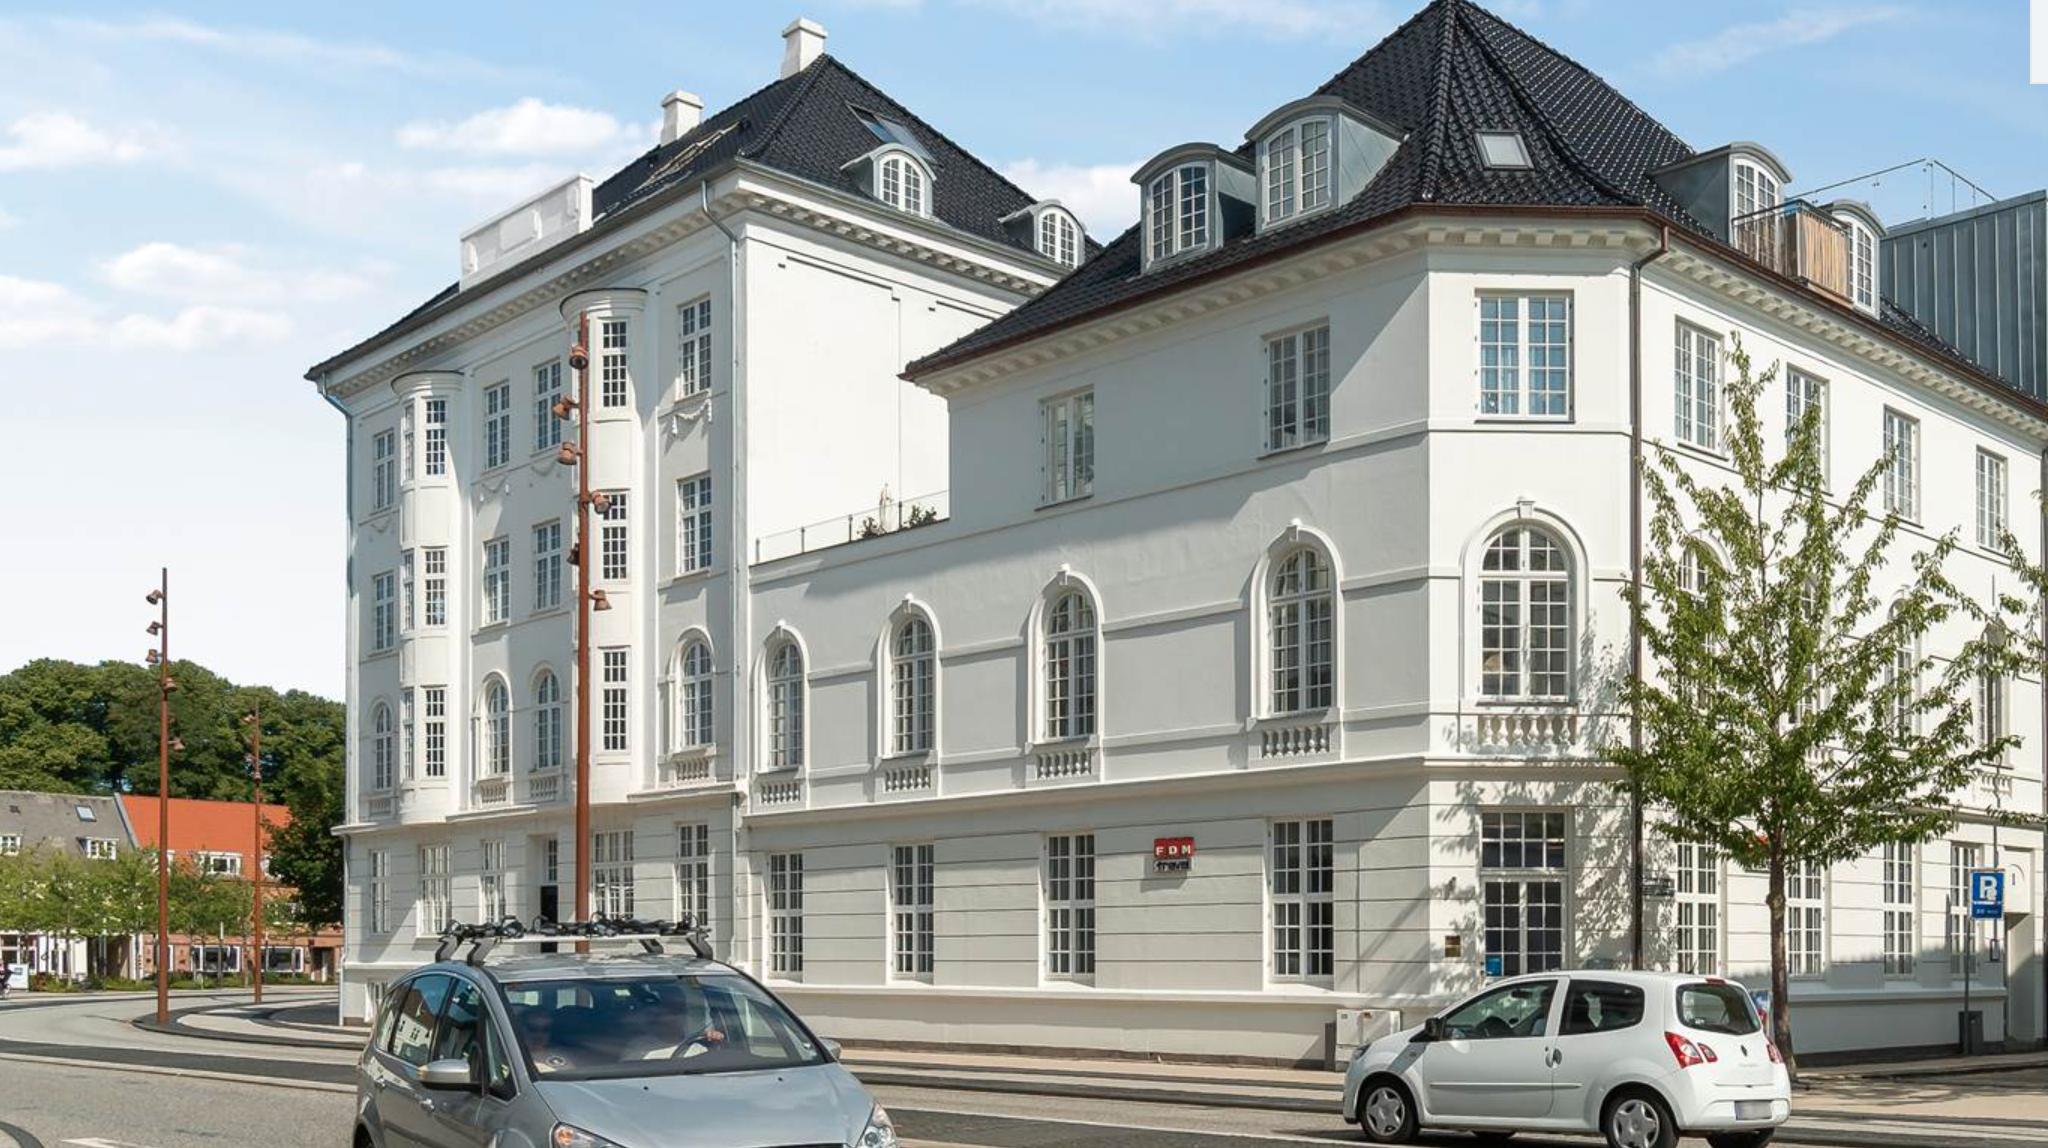 Dit helt eget palæ midt i byen: Kendt Aalborg-ejendom er sat til salg